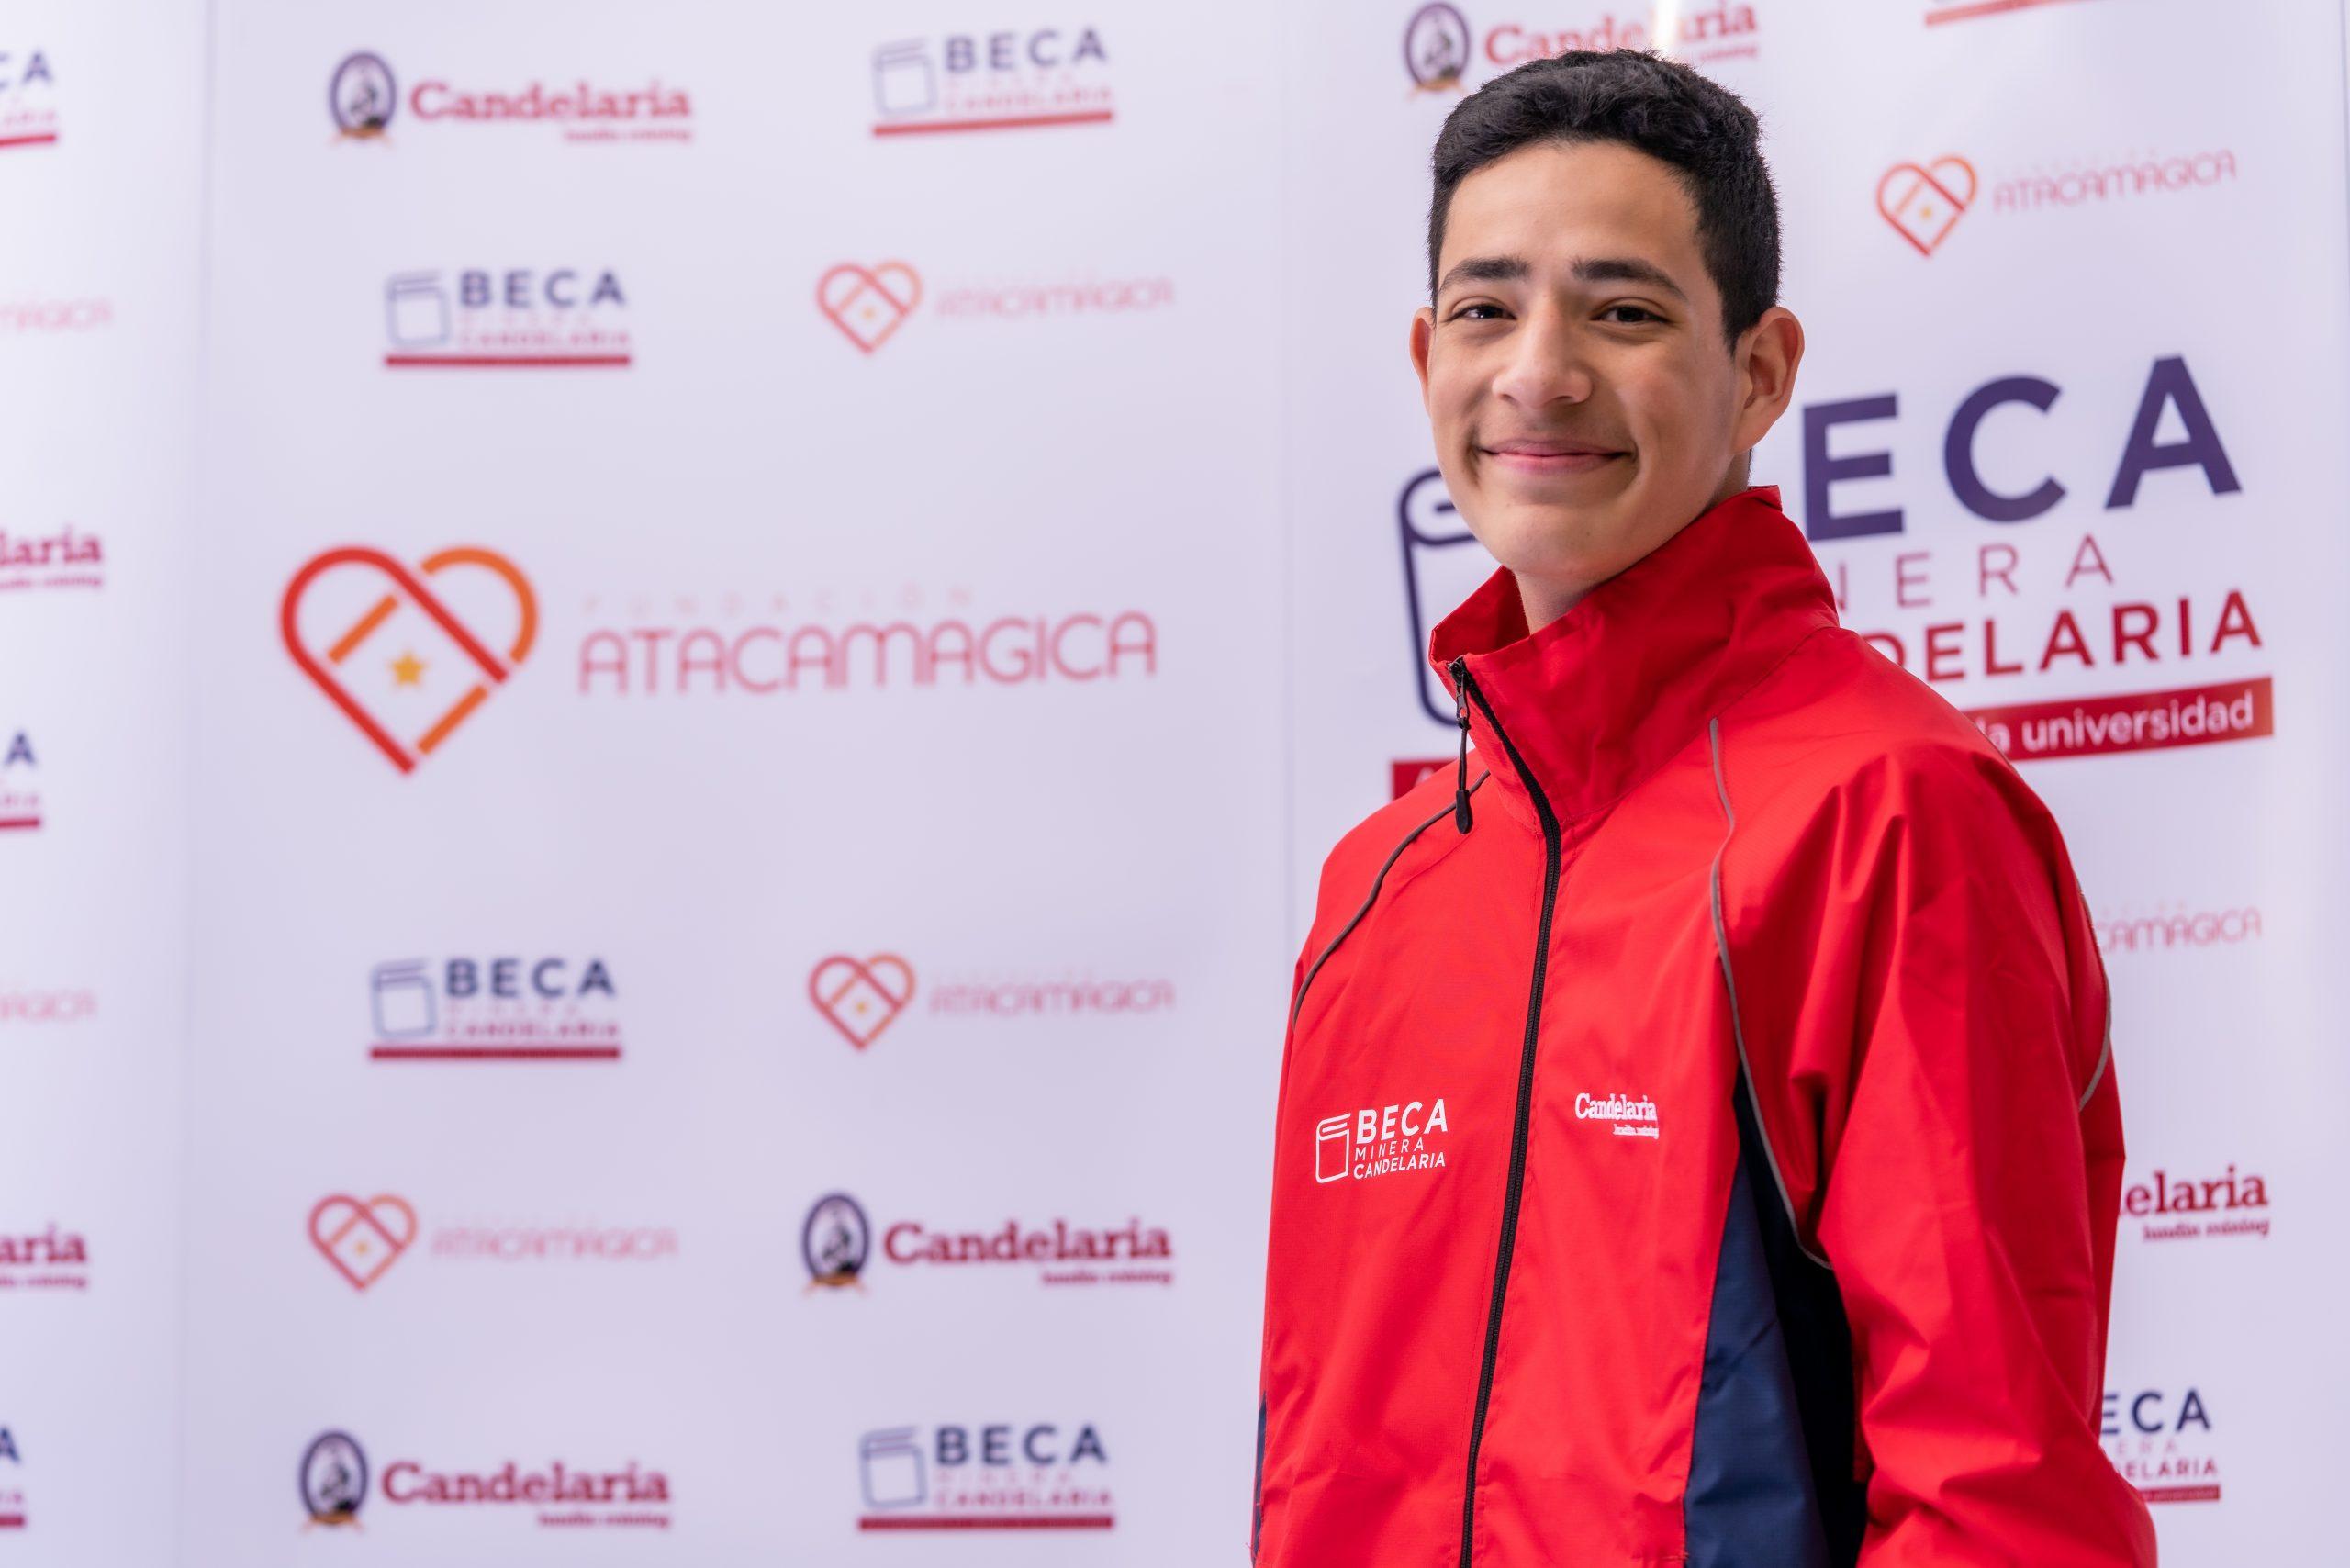 Beca Minera Candelaria, incentivando el desarrollo de jóvenes atacameños